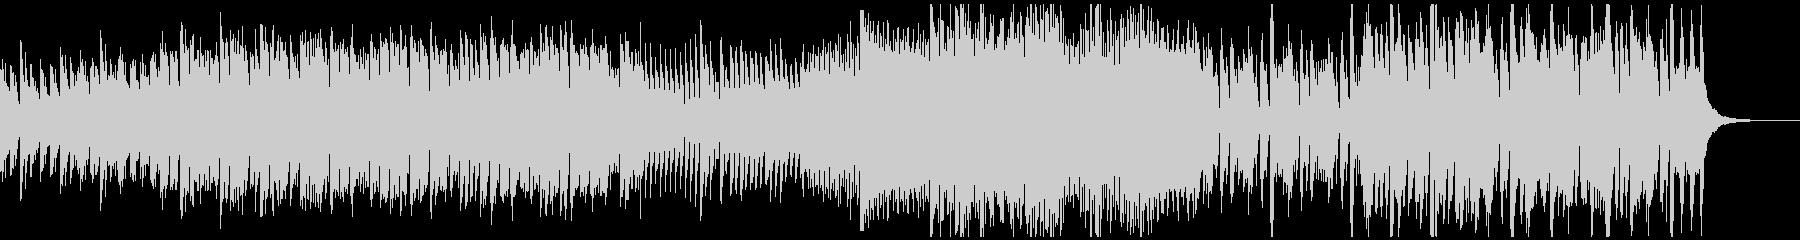 わくわく・高揚するアコースティック曲Bの未再生の波形